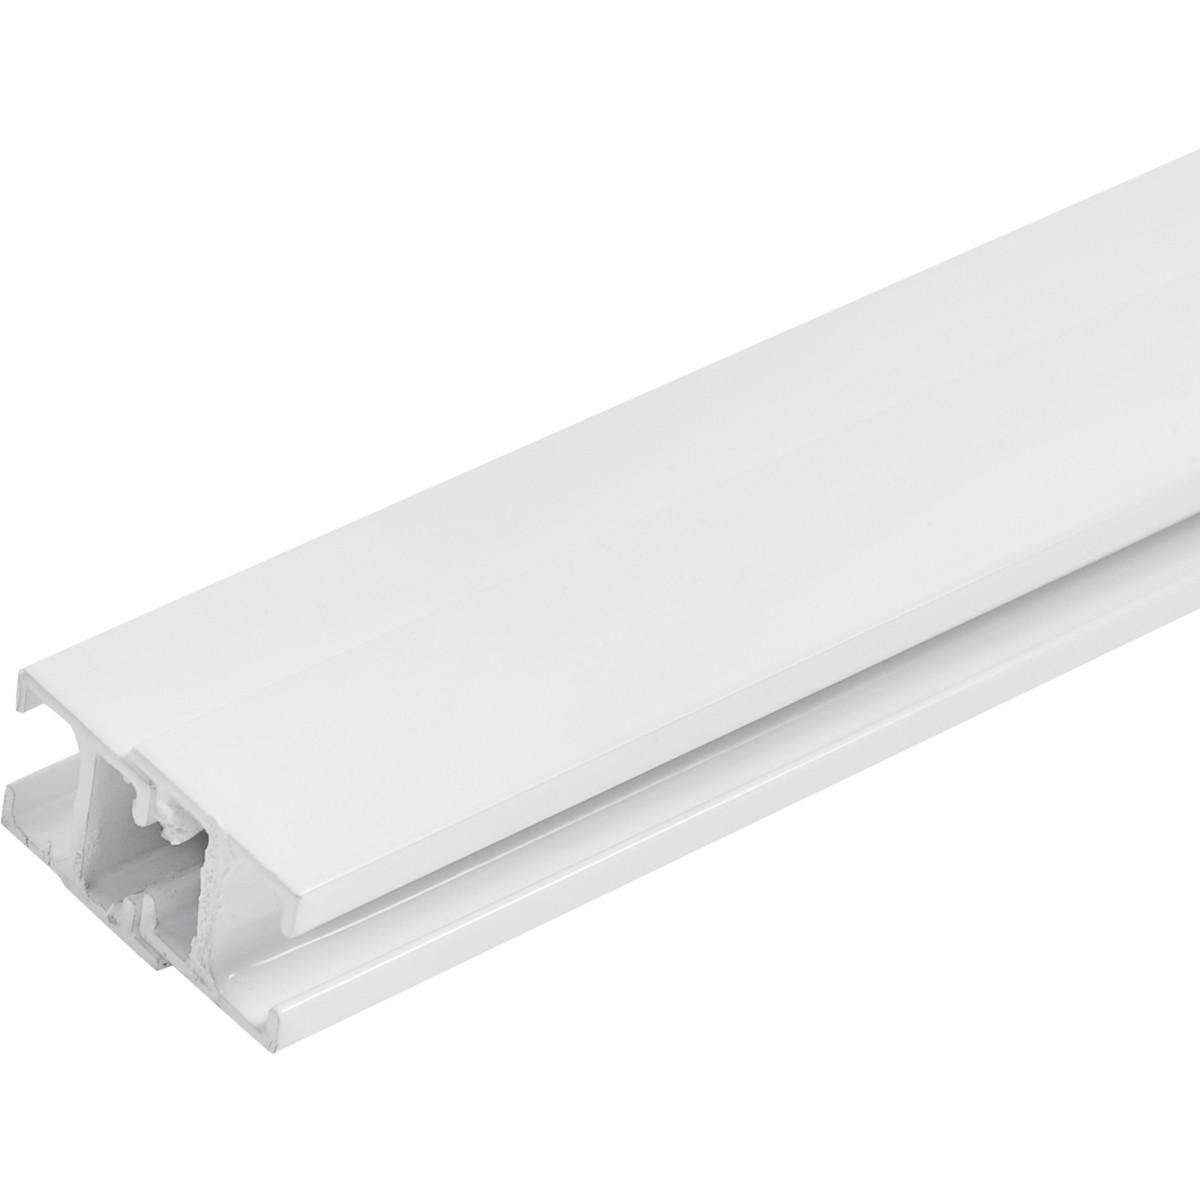 Карниз шинный однорядный Atlant Mini 240 см алюминий цвет белый